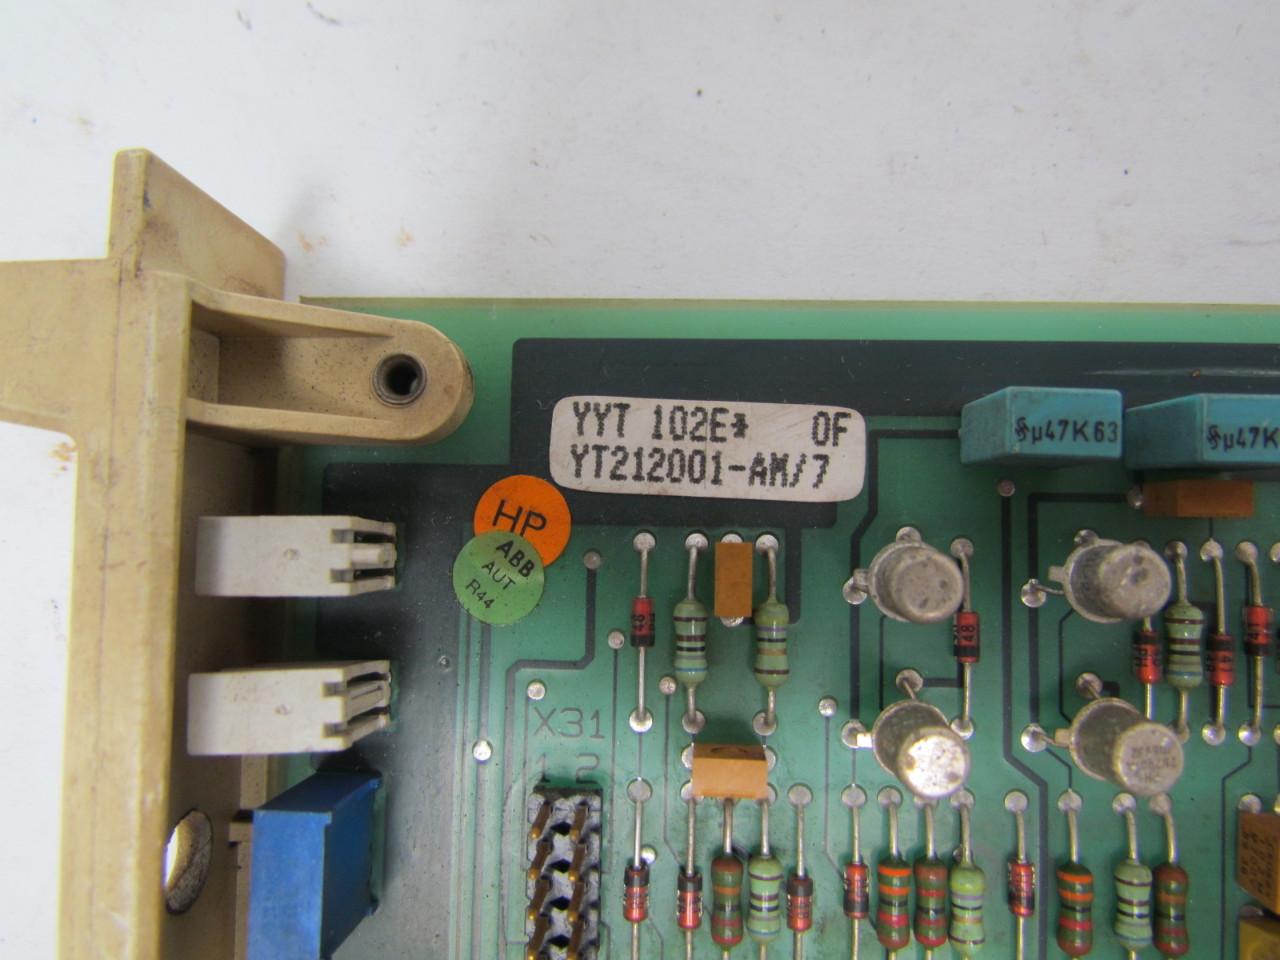 ASEA YYT 102E*Y212001-AM/7 Servo control board | eBay